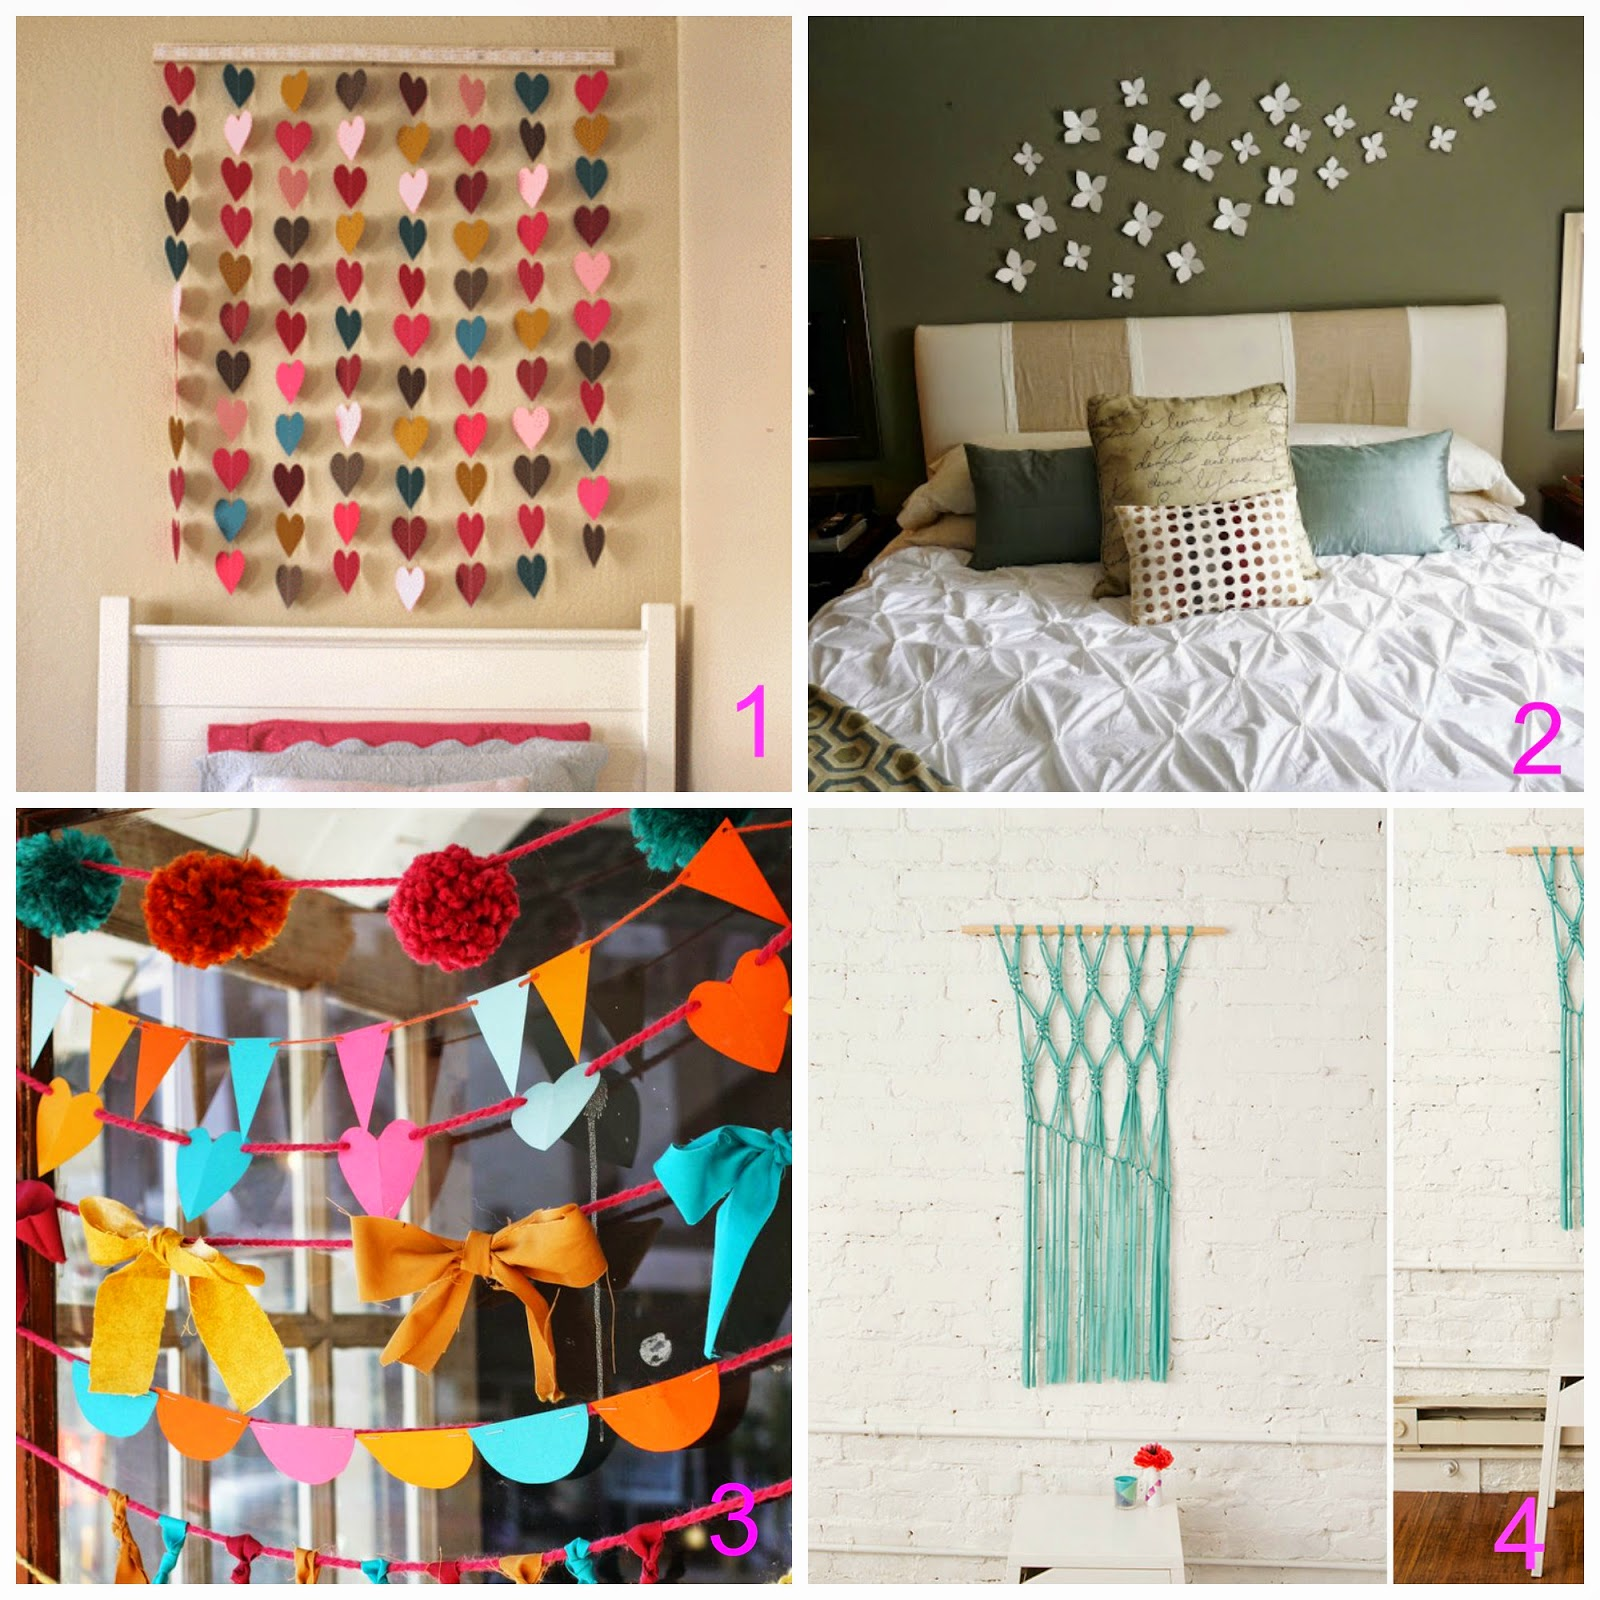 Decorare le pareti a costo zero 8 idee fai da te for Decorare una stanza con palloncini